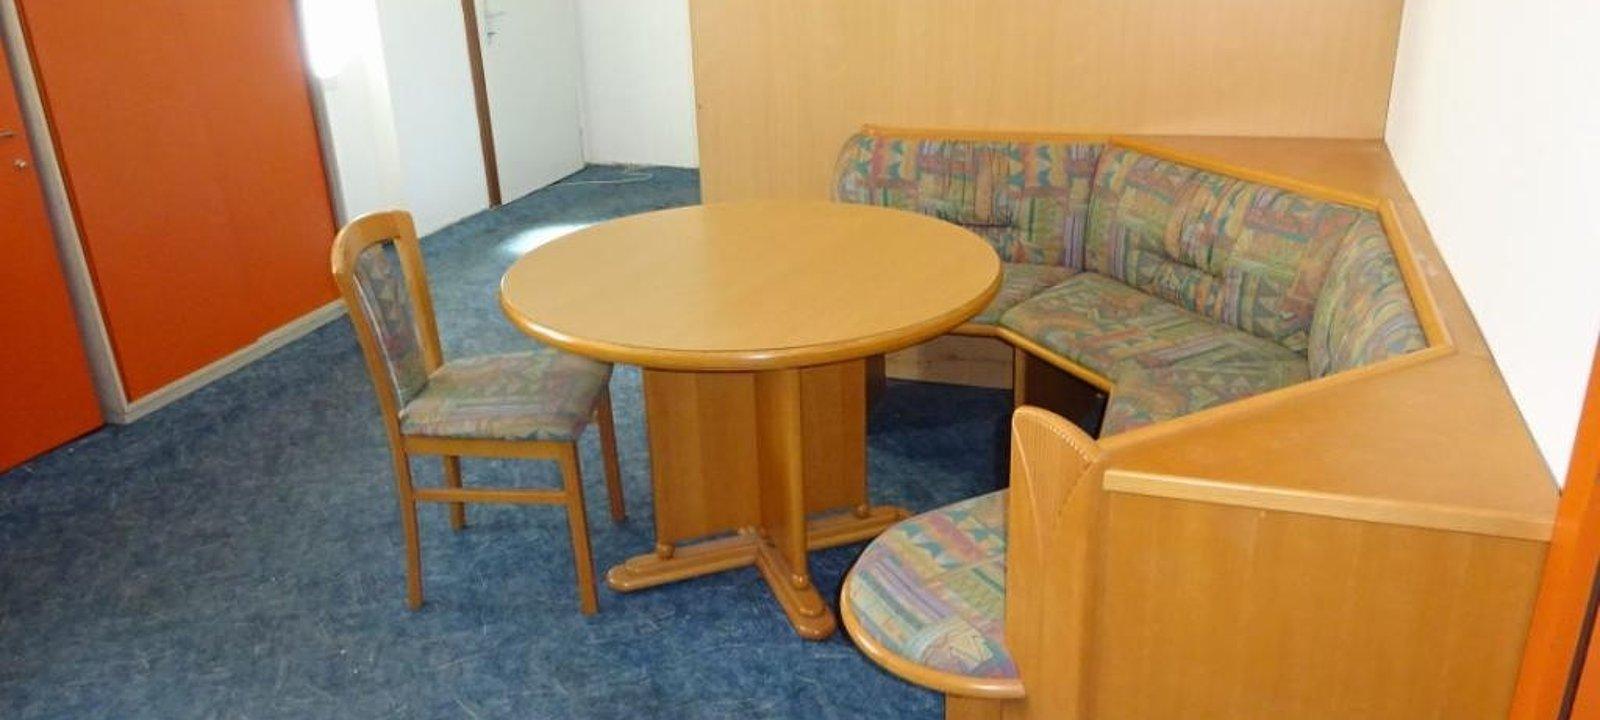 Sitzecke im angrenzenden Büroraum